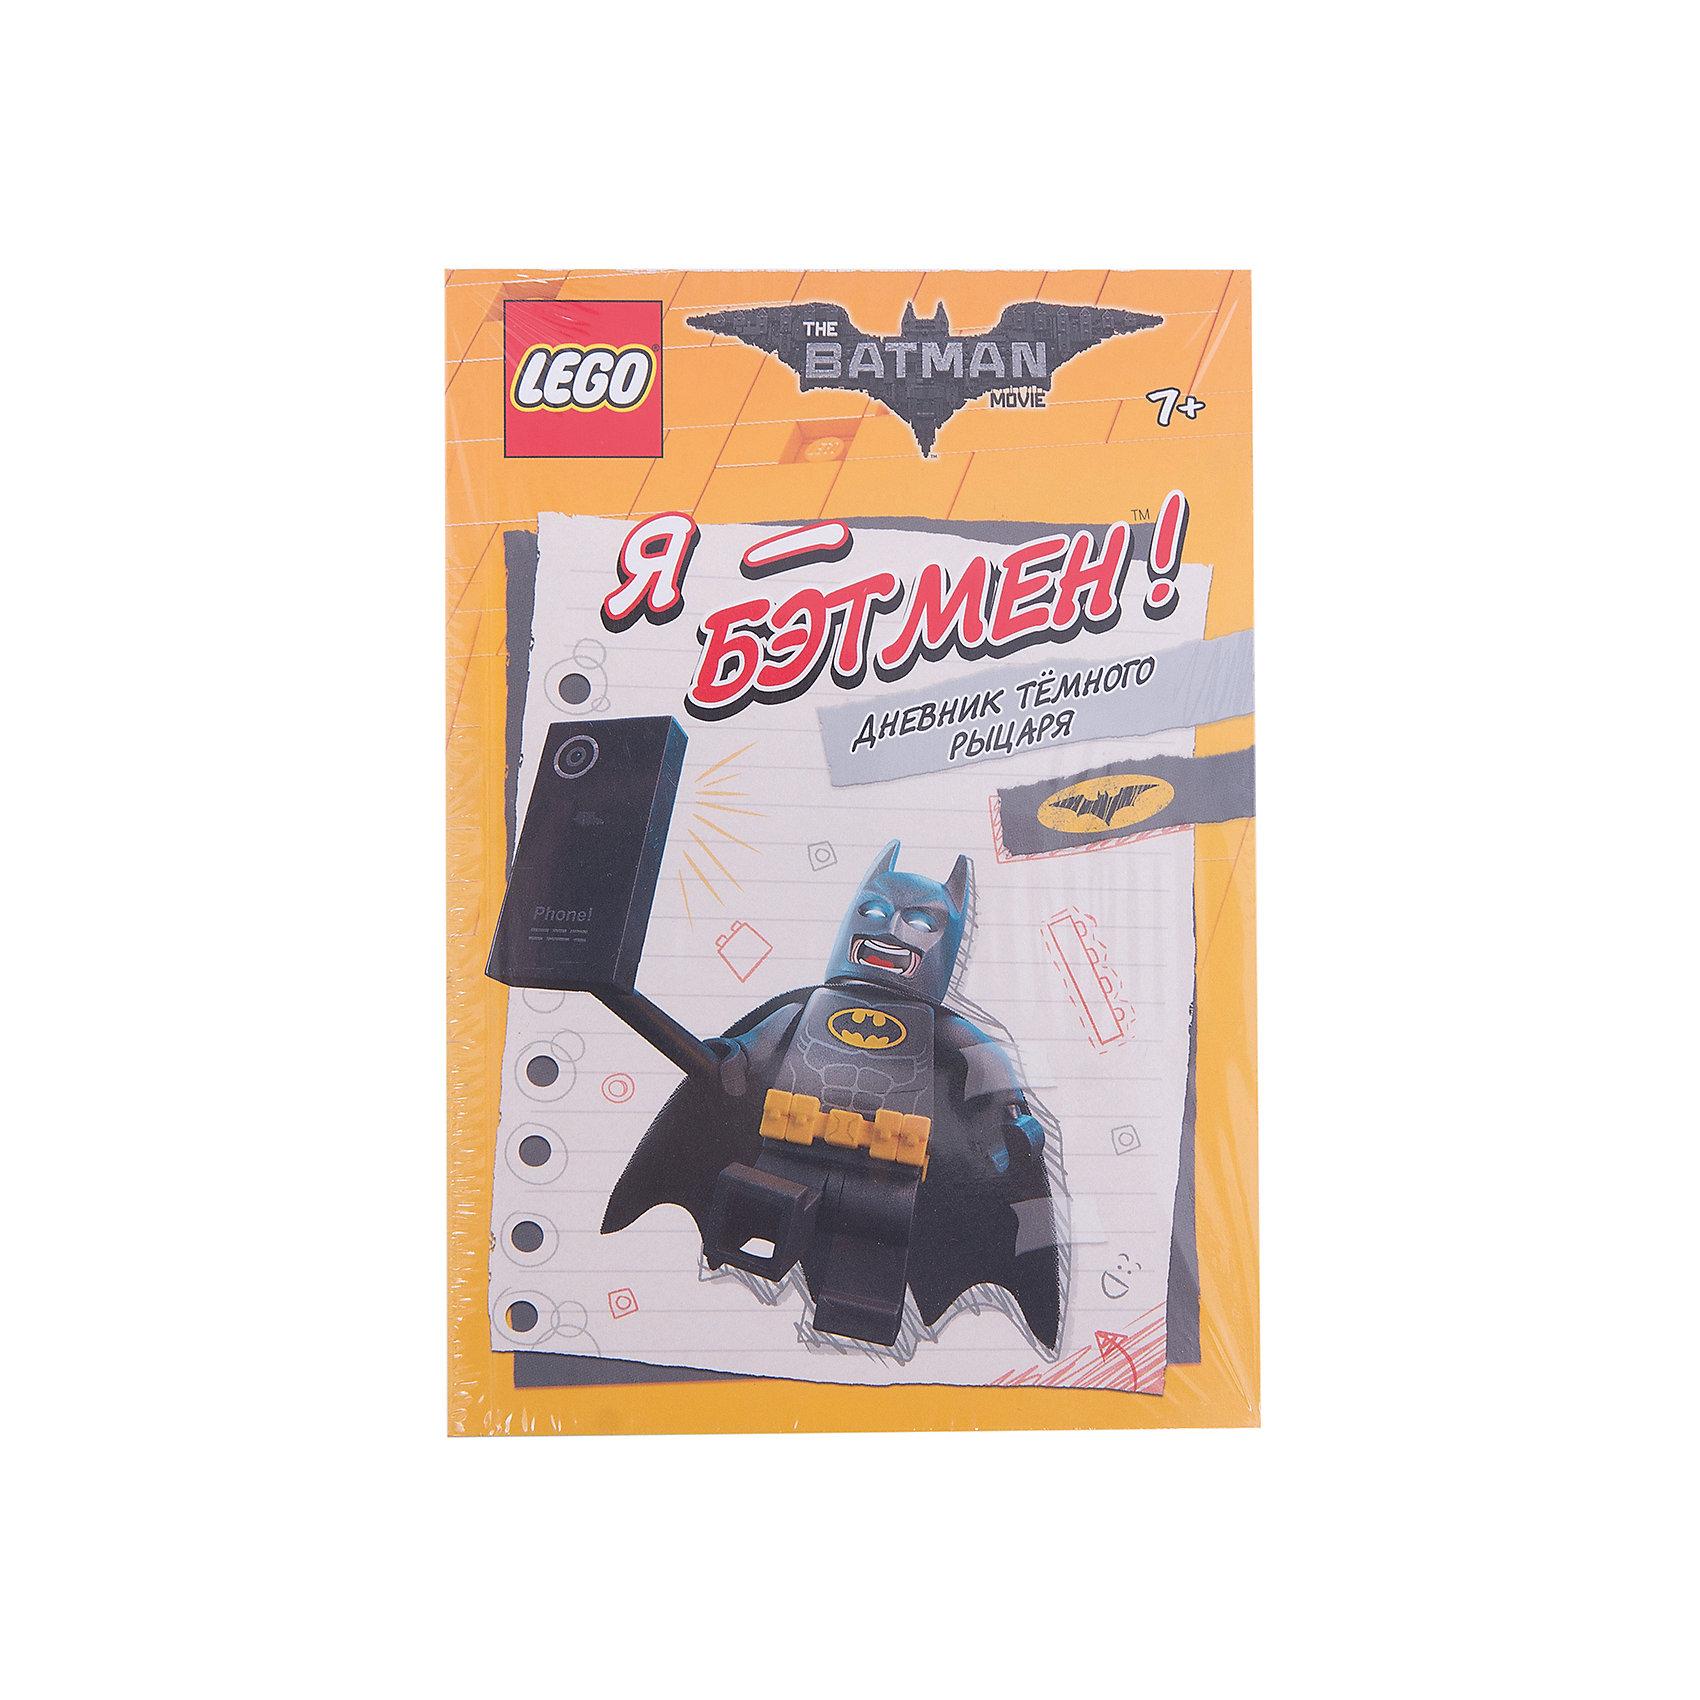 Я - Бэтмен! Дневник Тёмного рыцаря, LEGO Batman MoviЯ - Бэтмен. И я решил начать вести дневник для своих фанатов. Потому что у меня не просто фанаты. У МЕНЯ САМЫЕ ЛУЧШИЕ В МИРЕ ФАНАТЫ! Потому что я - Бэтмен, а вы, мои друзья - просто потрясающие. Итак, открывайте книгу и читайте самую великую книгу десятилетия. Нет, книгу века! Нет, лучше сказать так: САМУЮ ВЕЛИКУЮ КНИГУ ВСЕХ ВРЕМЕН - Дневник Бэтмена.<br><br>Ширина мм: 200<br>Глубина мм: 138<br>Высота мм: 70<br>Вес г: 150<br>Возраст от месяцев: 72<br>Возраст до месяцев: 2147483647<br>Пол: Унисекс<br>Возраст: Детский<br>SKU: 5535445